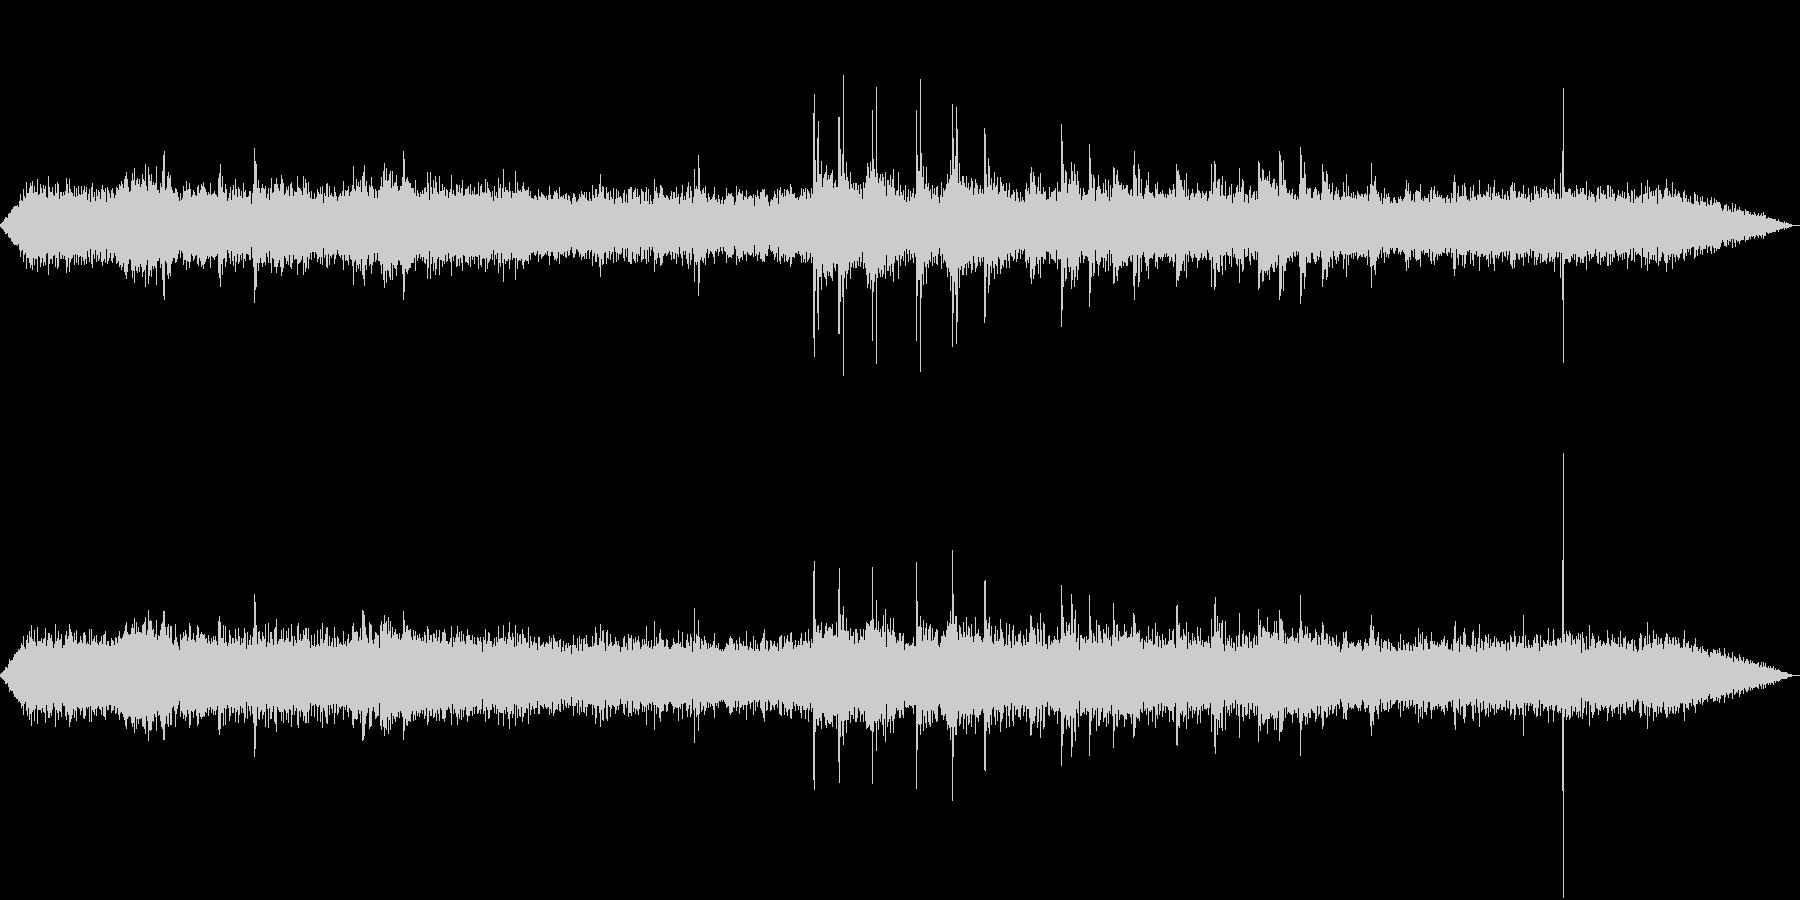 【生録音】工事現場の音 重機 1の未再生の波形